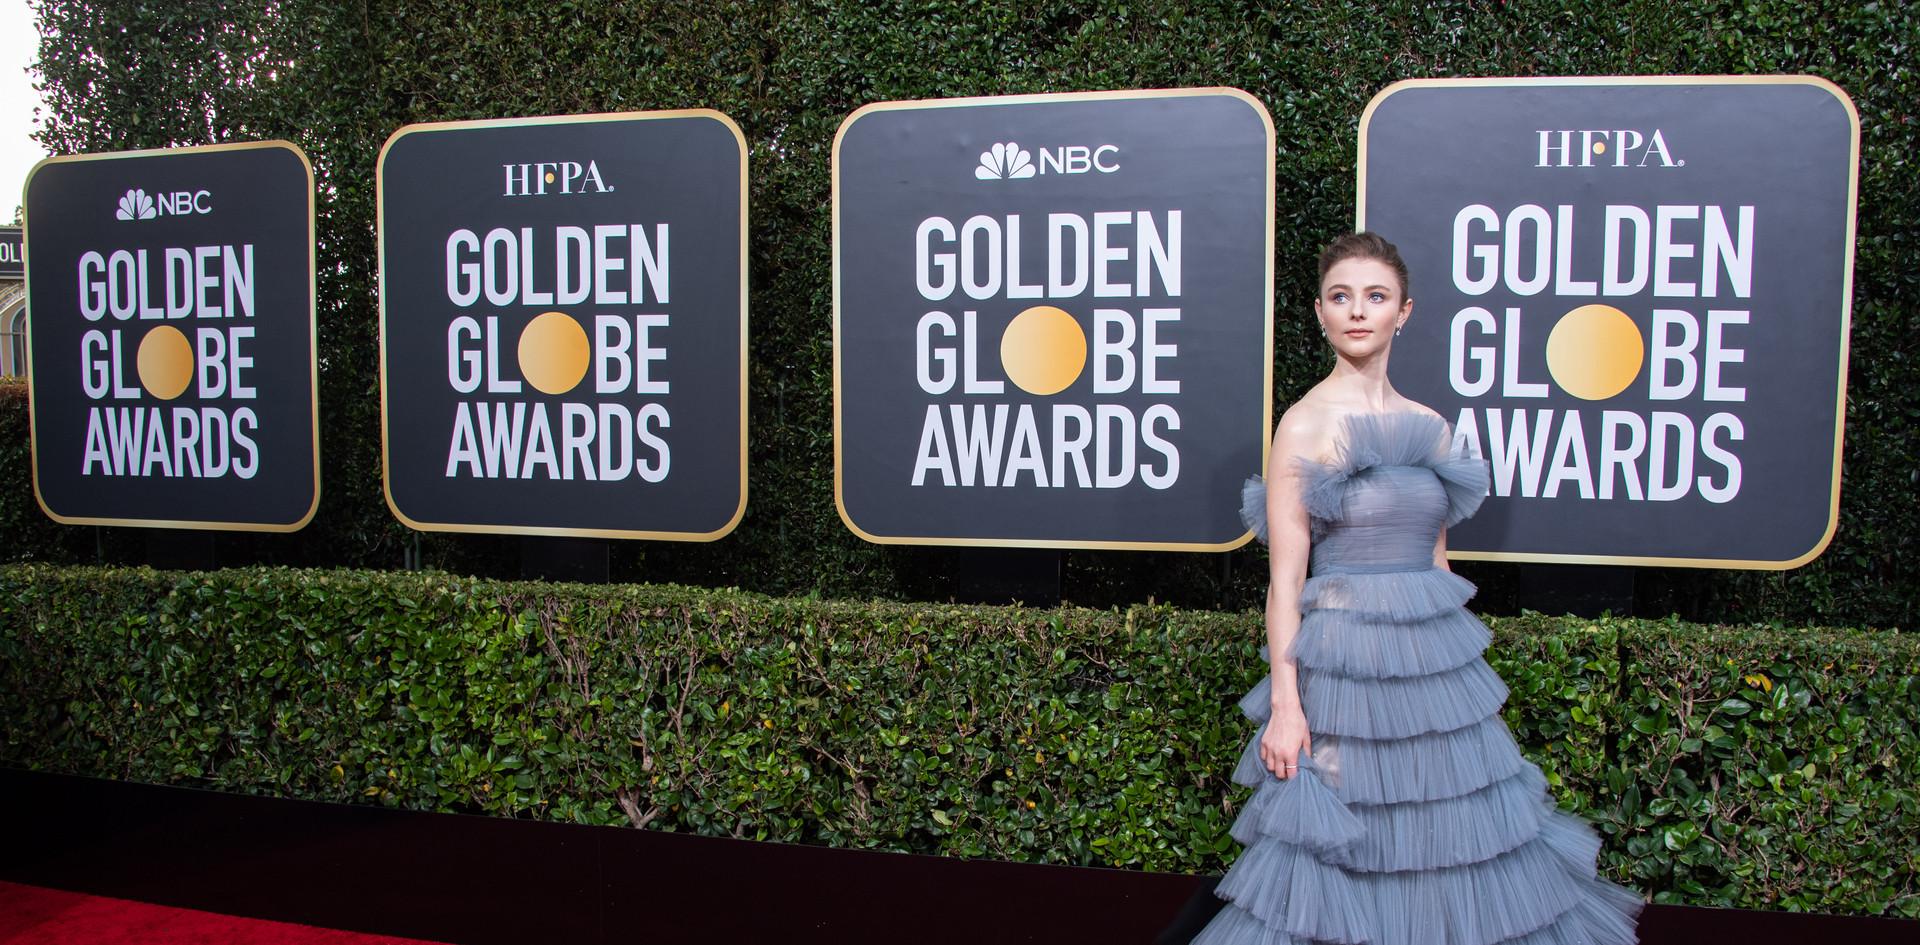 Thomasin McKenzie com um vestido Valentino e jóias Cartier, na passadeira vermelha do th Annual Golden Globe Awards no Beverly Hilton em Beverly Hills, CA.  Fotografia: HFPA Photographer.